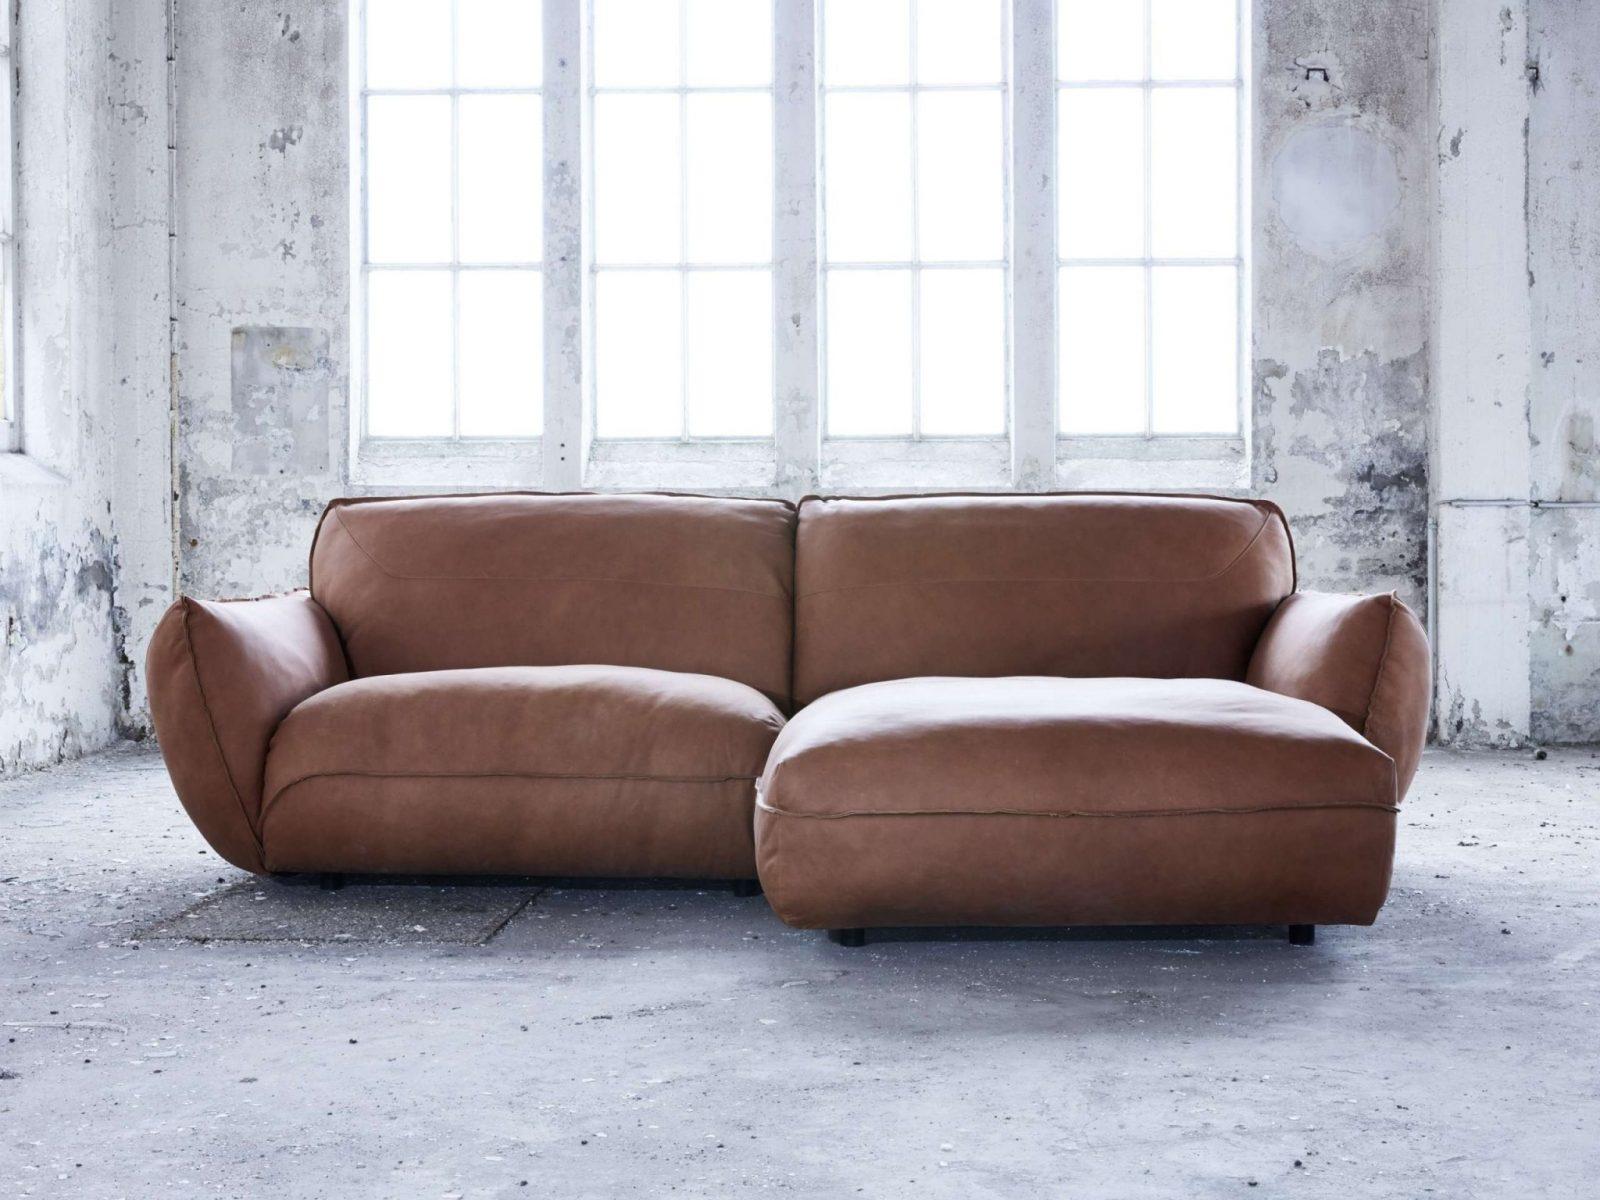 Sofa Bettkasten Elegant Stock Sofa Schlaffunktion Bettkasten Luxus von Ikea Wohnlandschaft Mit Schlaffunktion Photo